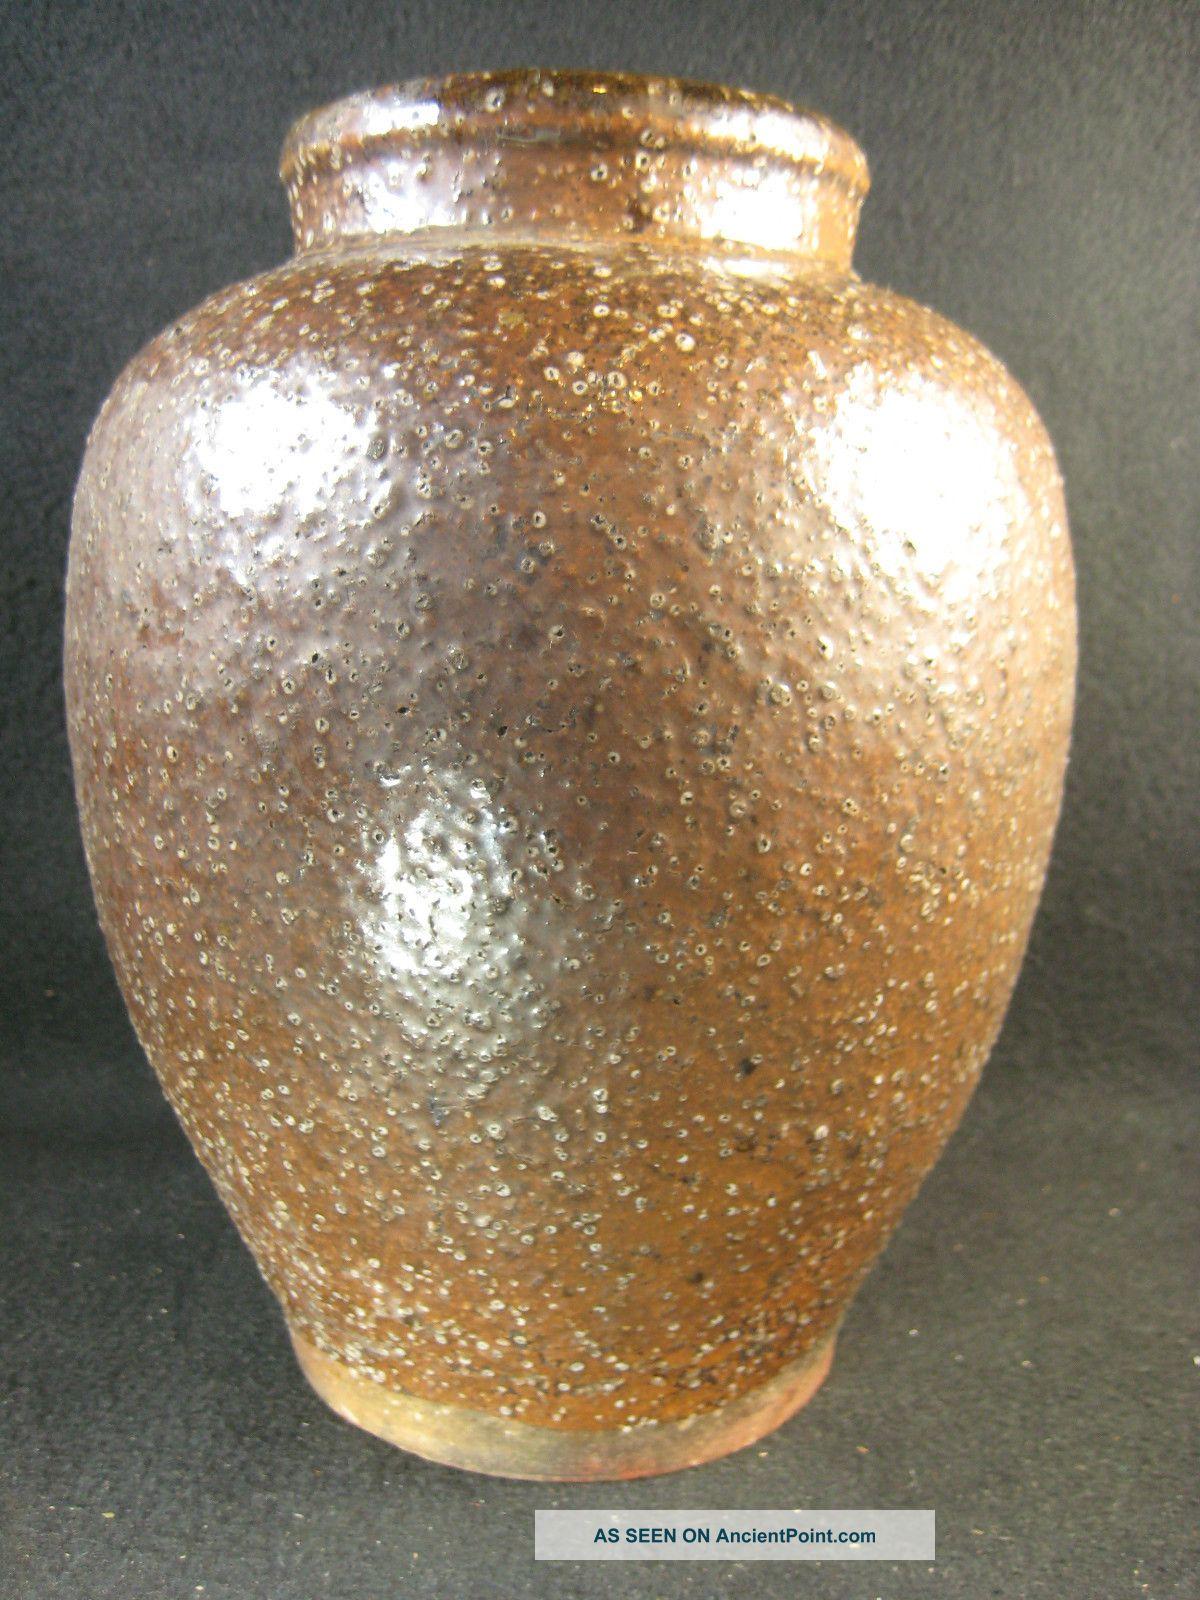 Japanese vintage ceramic shigaraki salt glaze ikebana vase bizen japanese vintage ceramic shigaraki salt glaze ikebana vase bizen raku pottery reviewsmspy